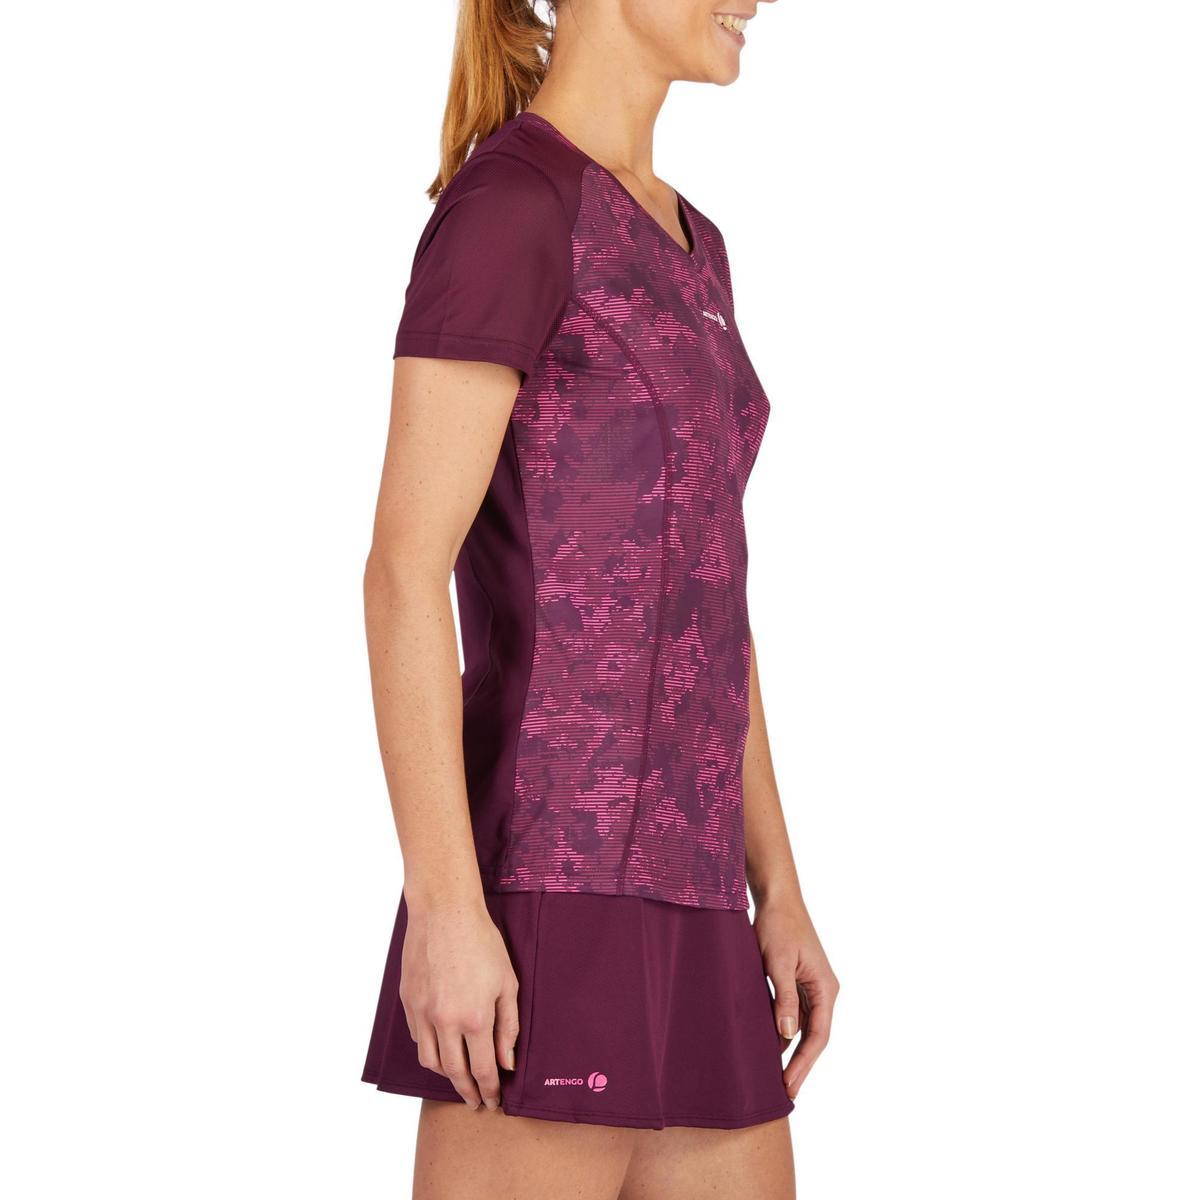 Bild 2 von T-Shirt Soft 500 Tennisshirt Damen bordeaux